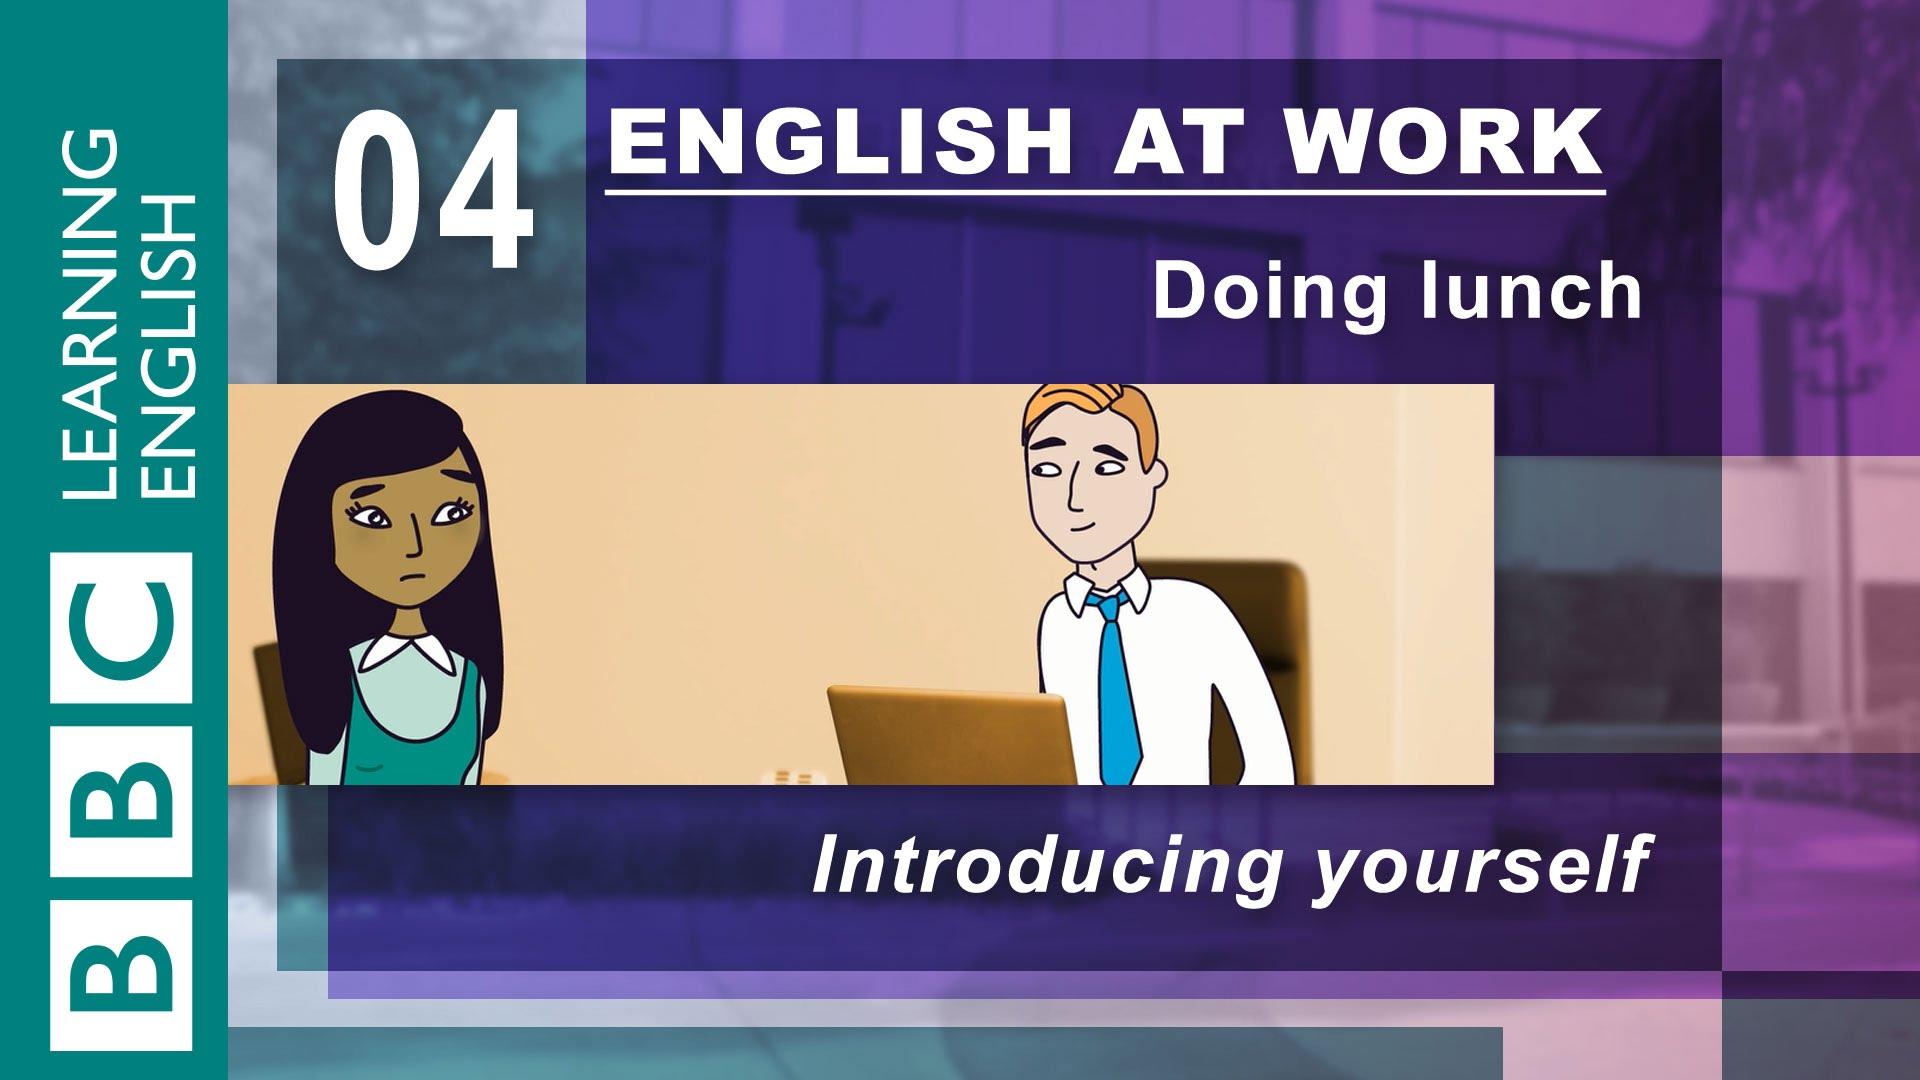 「超實用商業英語會話,讓你上班第一天就和大家打成一片!」- Introduce Yourself and Make Some Friends